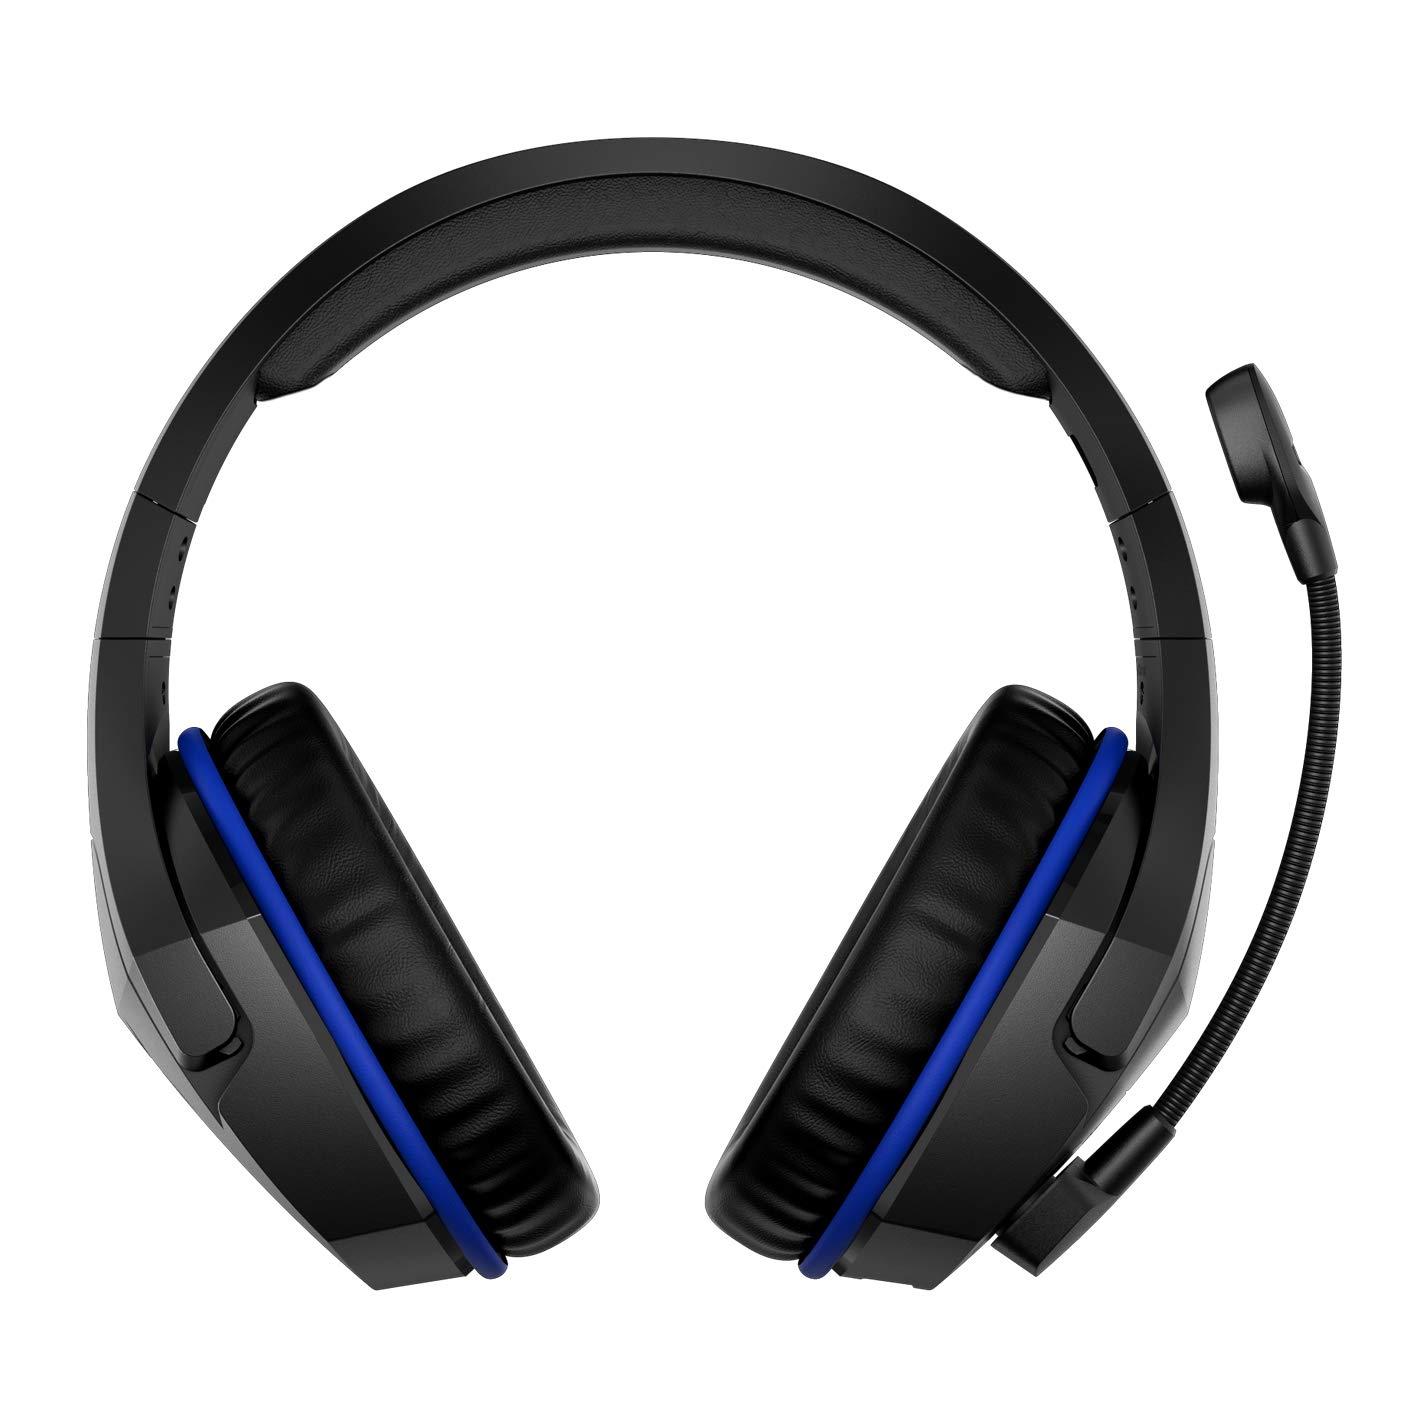 HyperX Cloud Stinger Wireless - Auriculares inalámbricos con Adaptador USB, Color Negro: Amazon.es: Informática